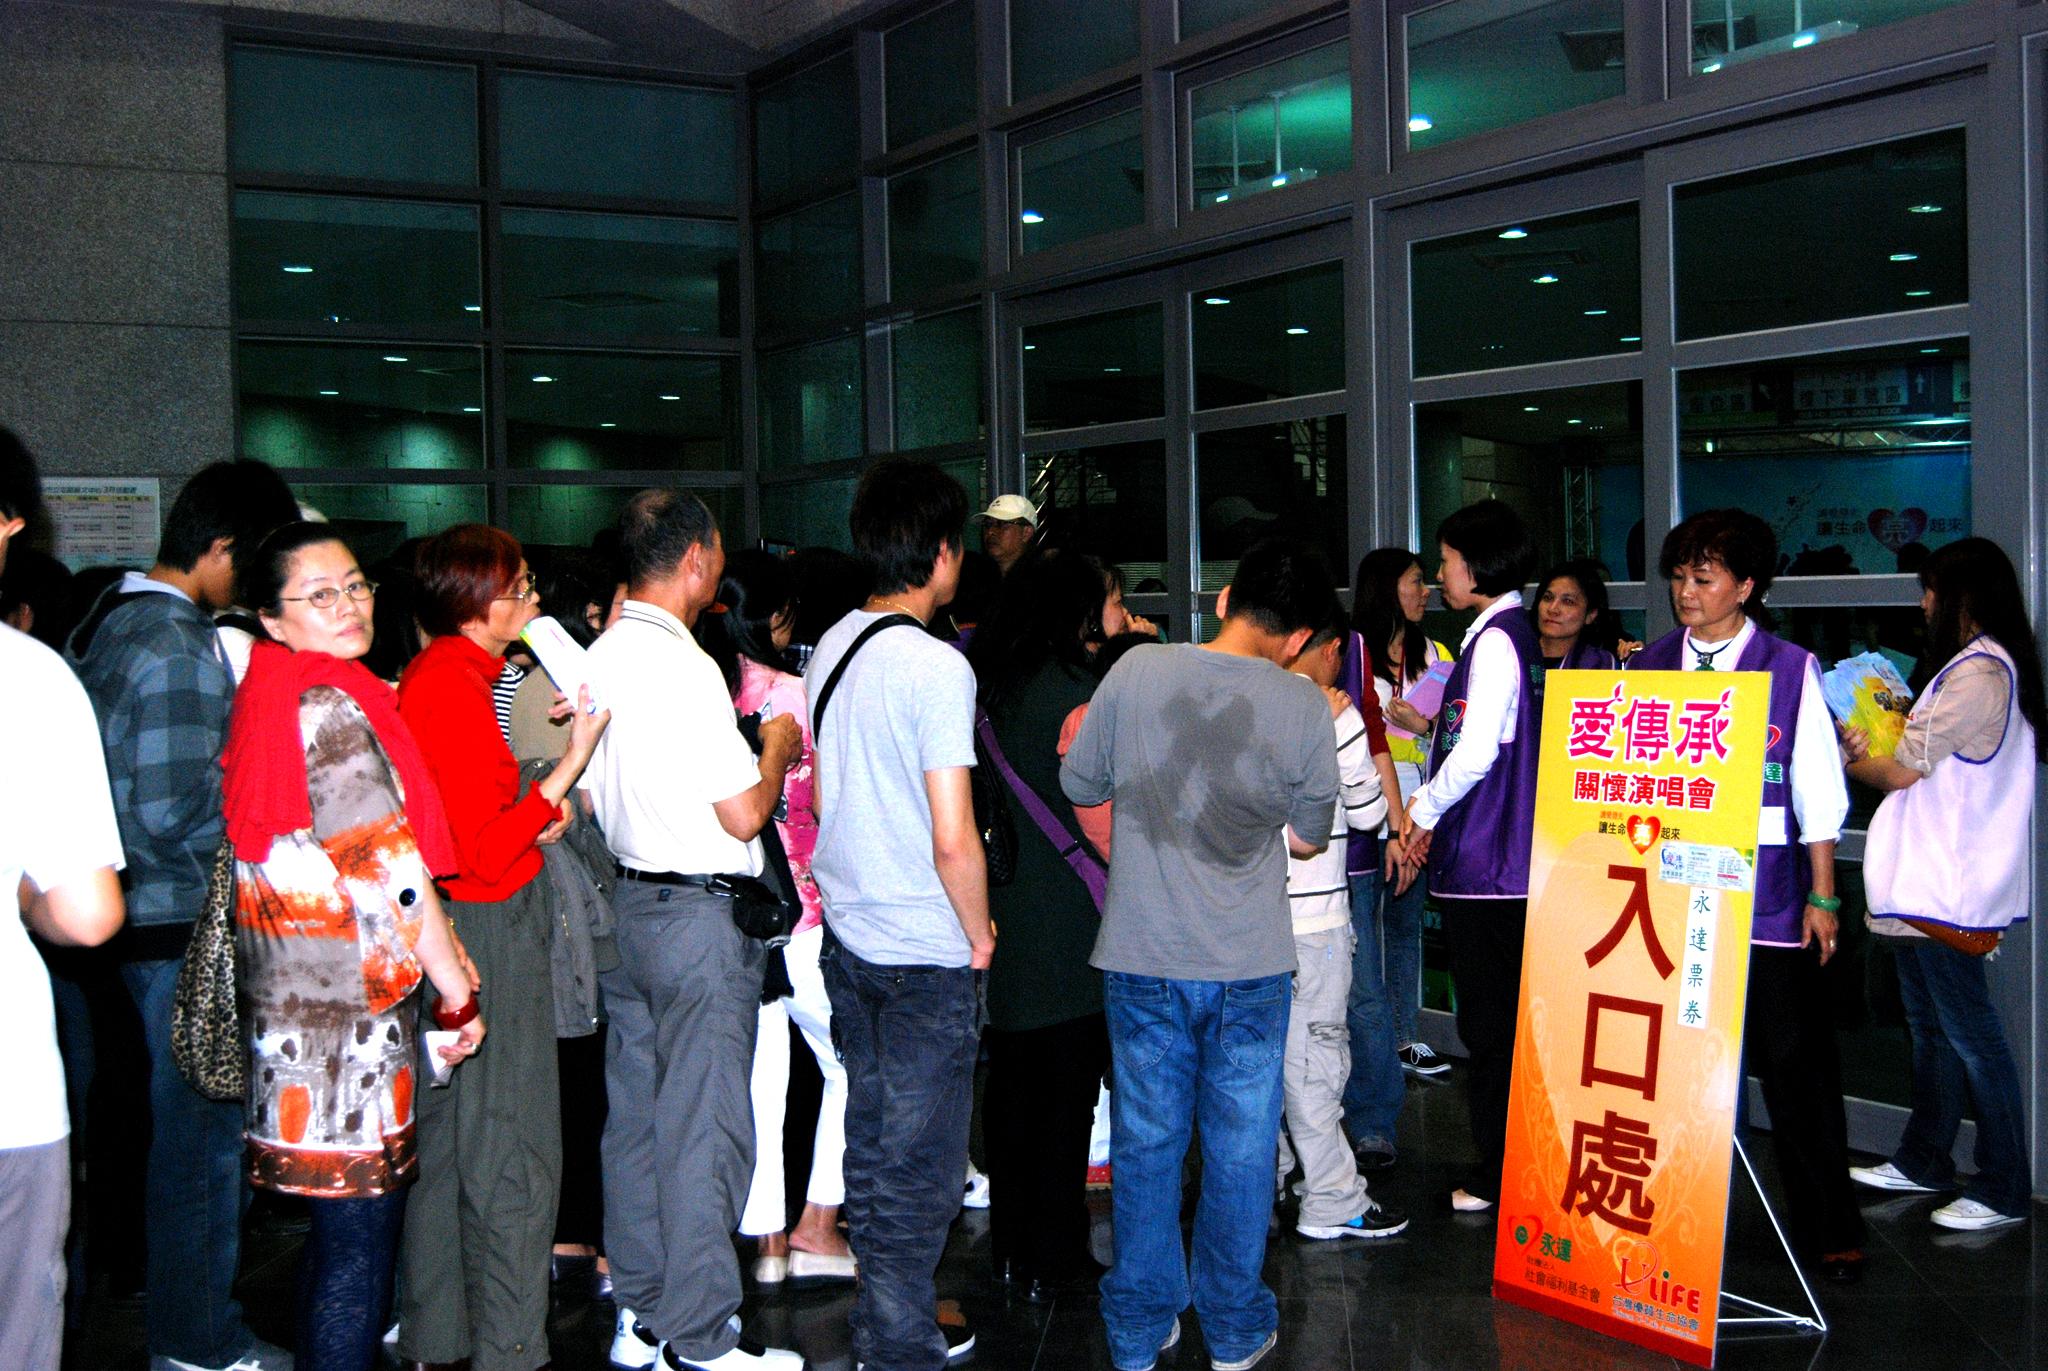 熱情的民眾早在開演前兩小時就在門口排隊,為了就是要找個好位置來觀賞這場精彩的演出。